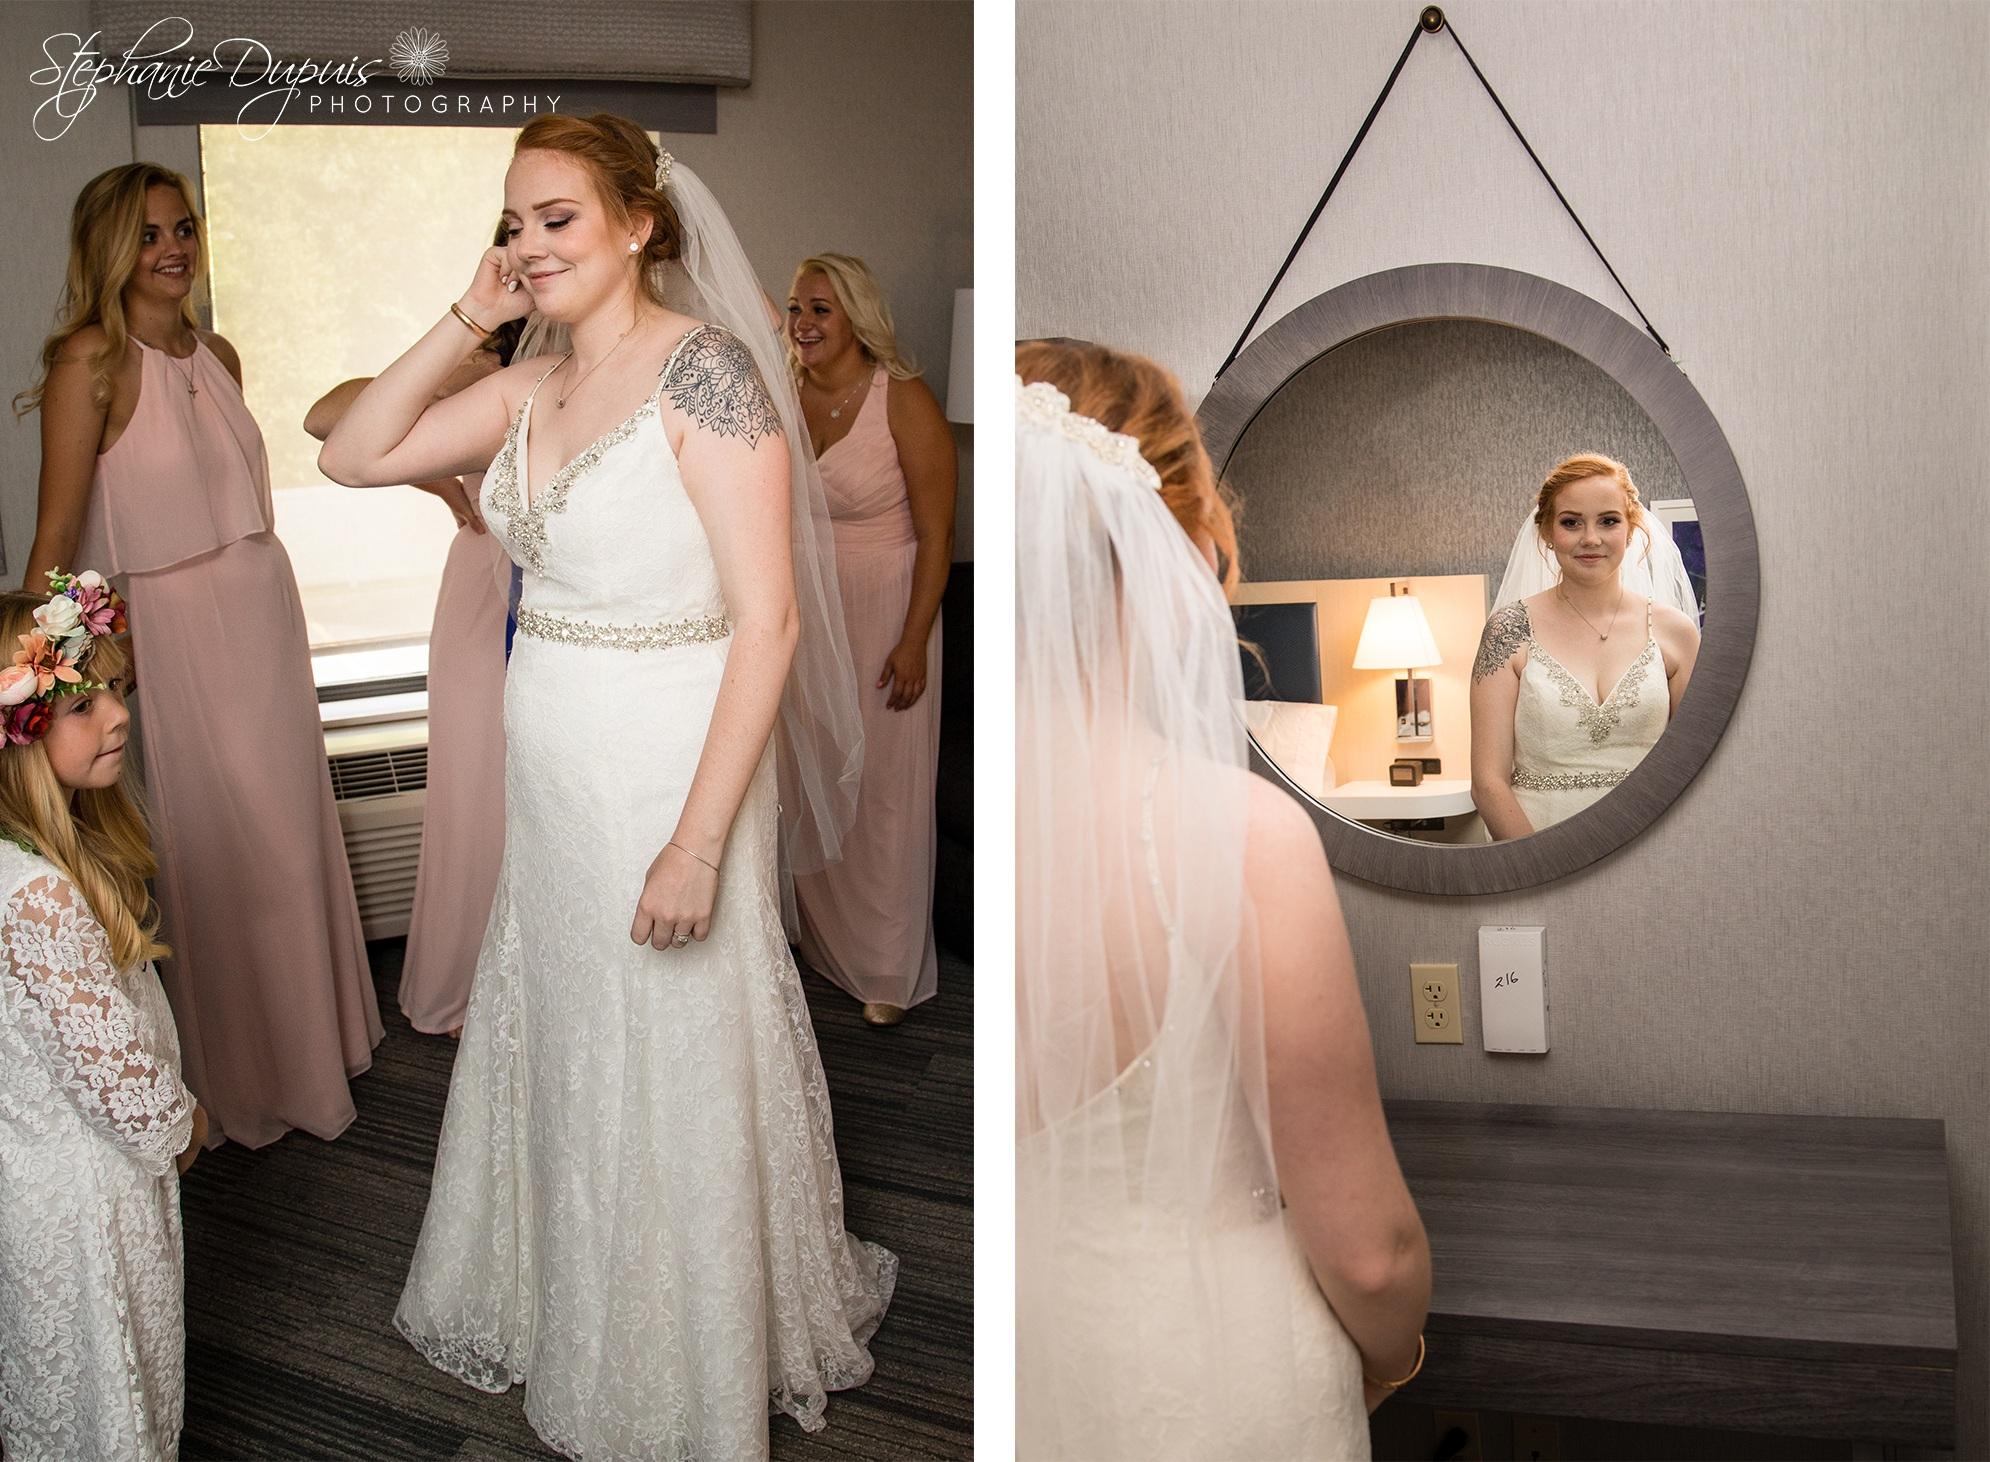 Gaffney 12 - Portfolio: Gaffney Wedding